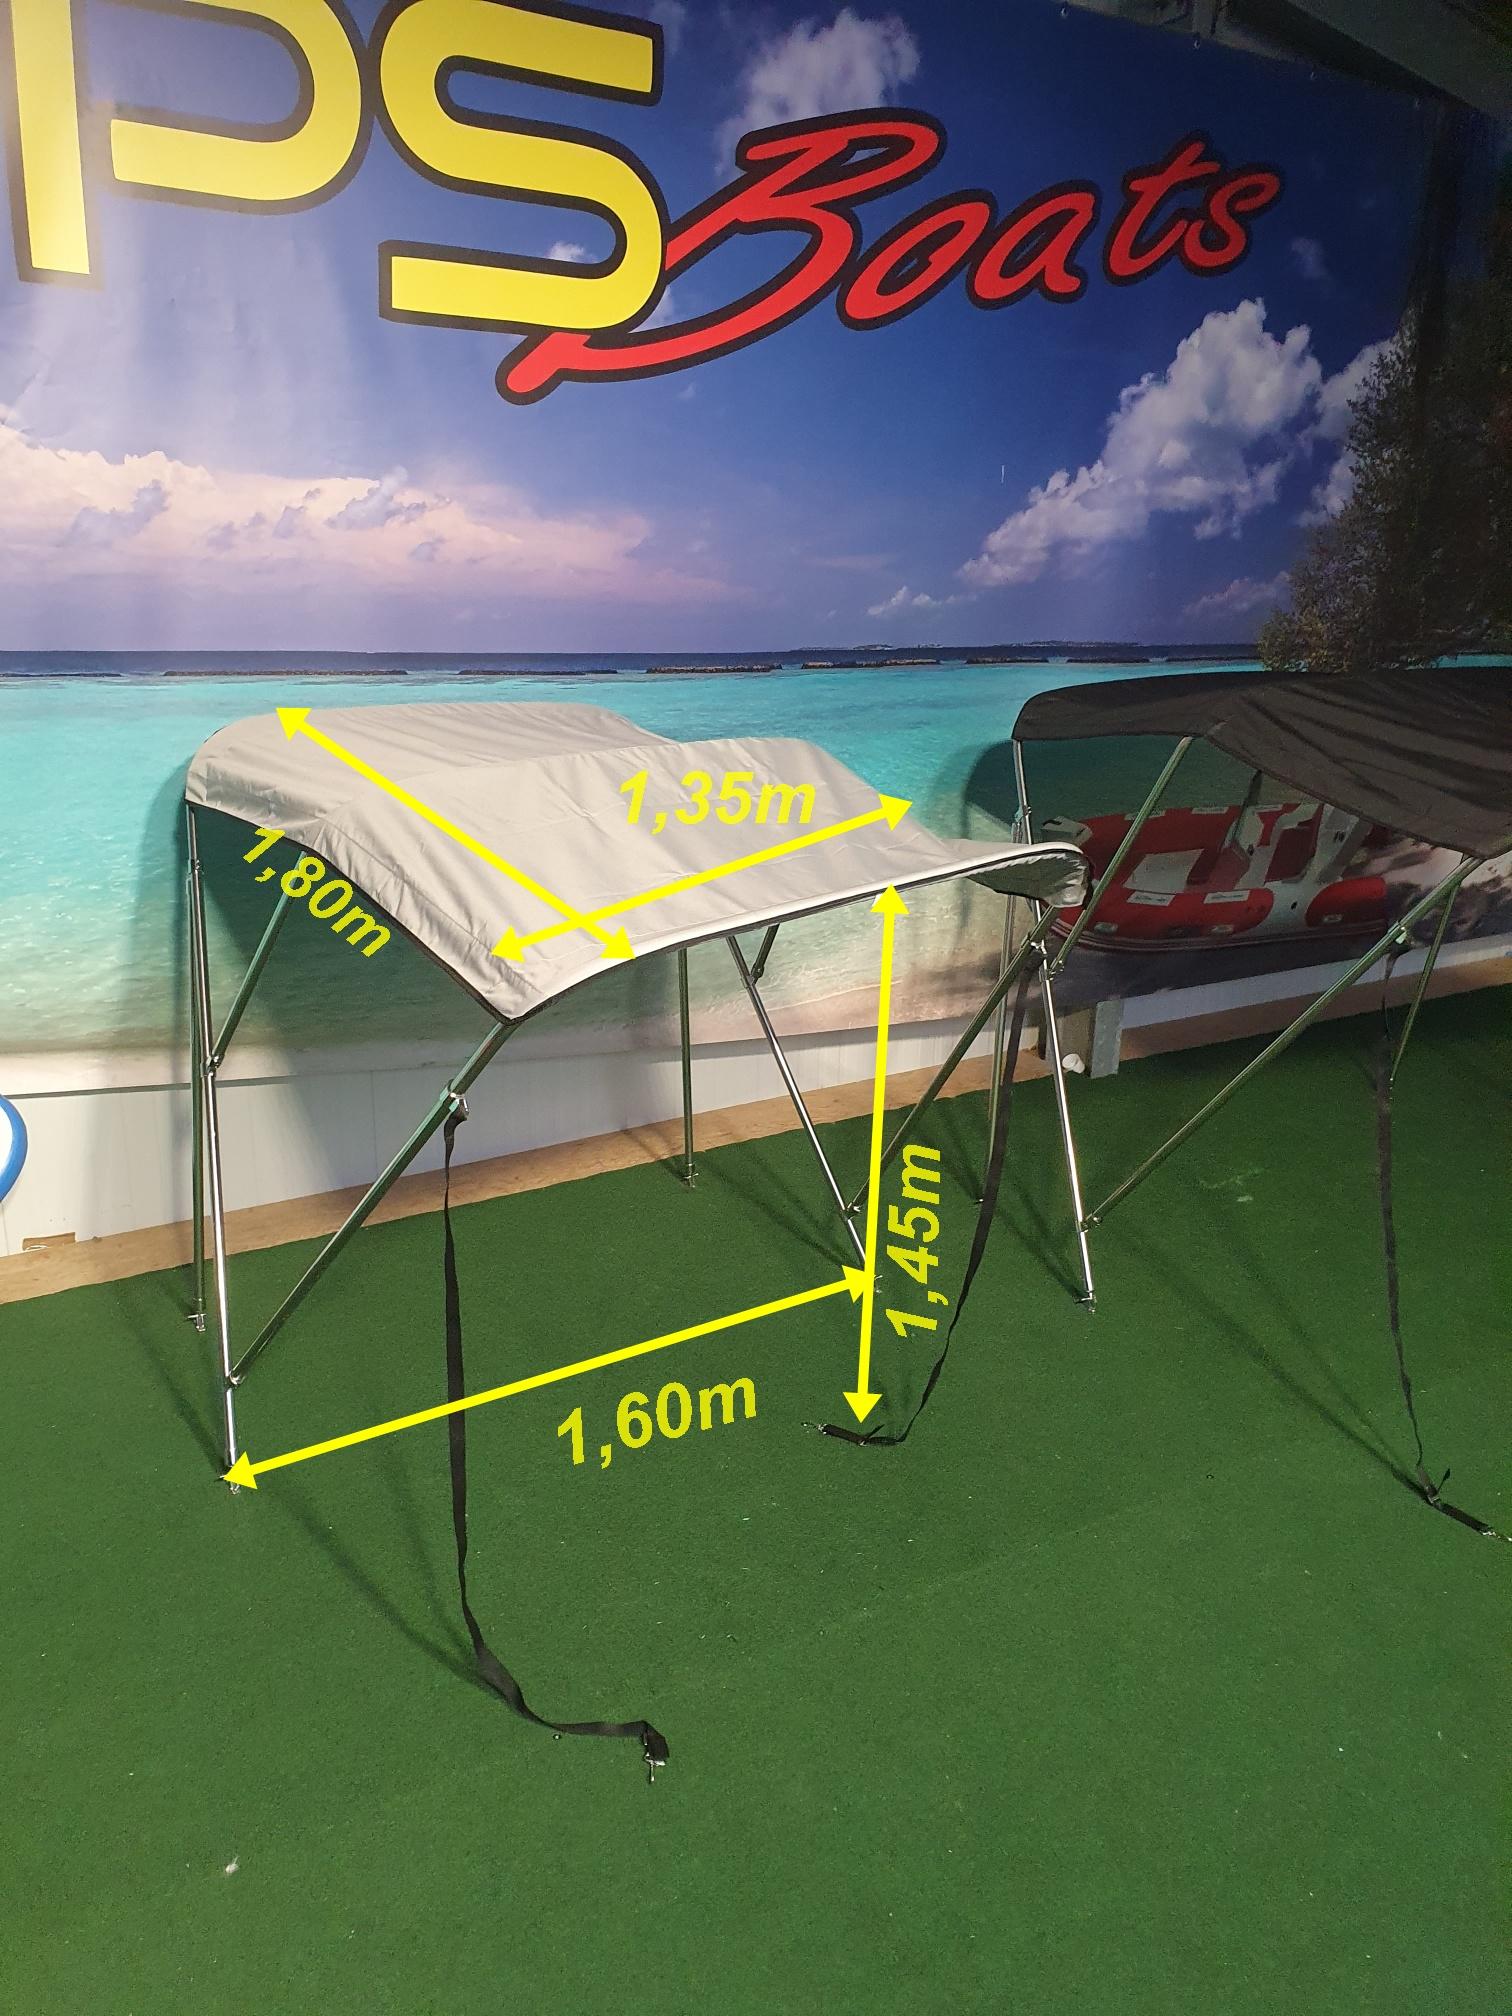 Bimini Top Breite 160m -1,70m in Edelstahl Schwarz oder Grau für GFK Boot oder Schlauchboote